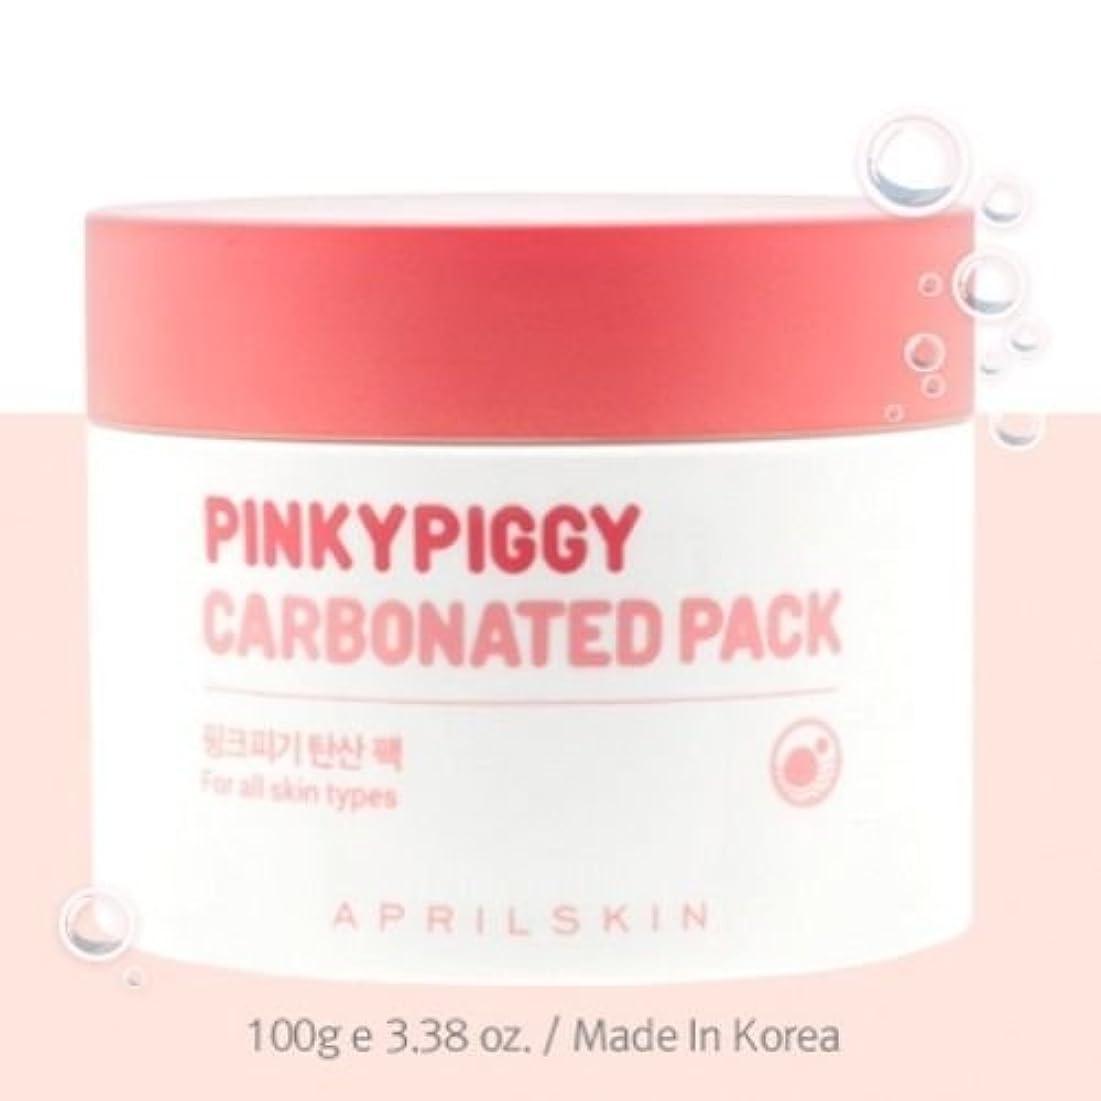 シュート代わりにを立てる原点April Skin Pinky Piggy Carbonated Pack 100g(3.38oz)/100% Authentic Direct from Korea [並行輸入品]